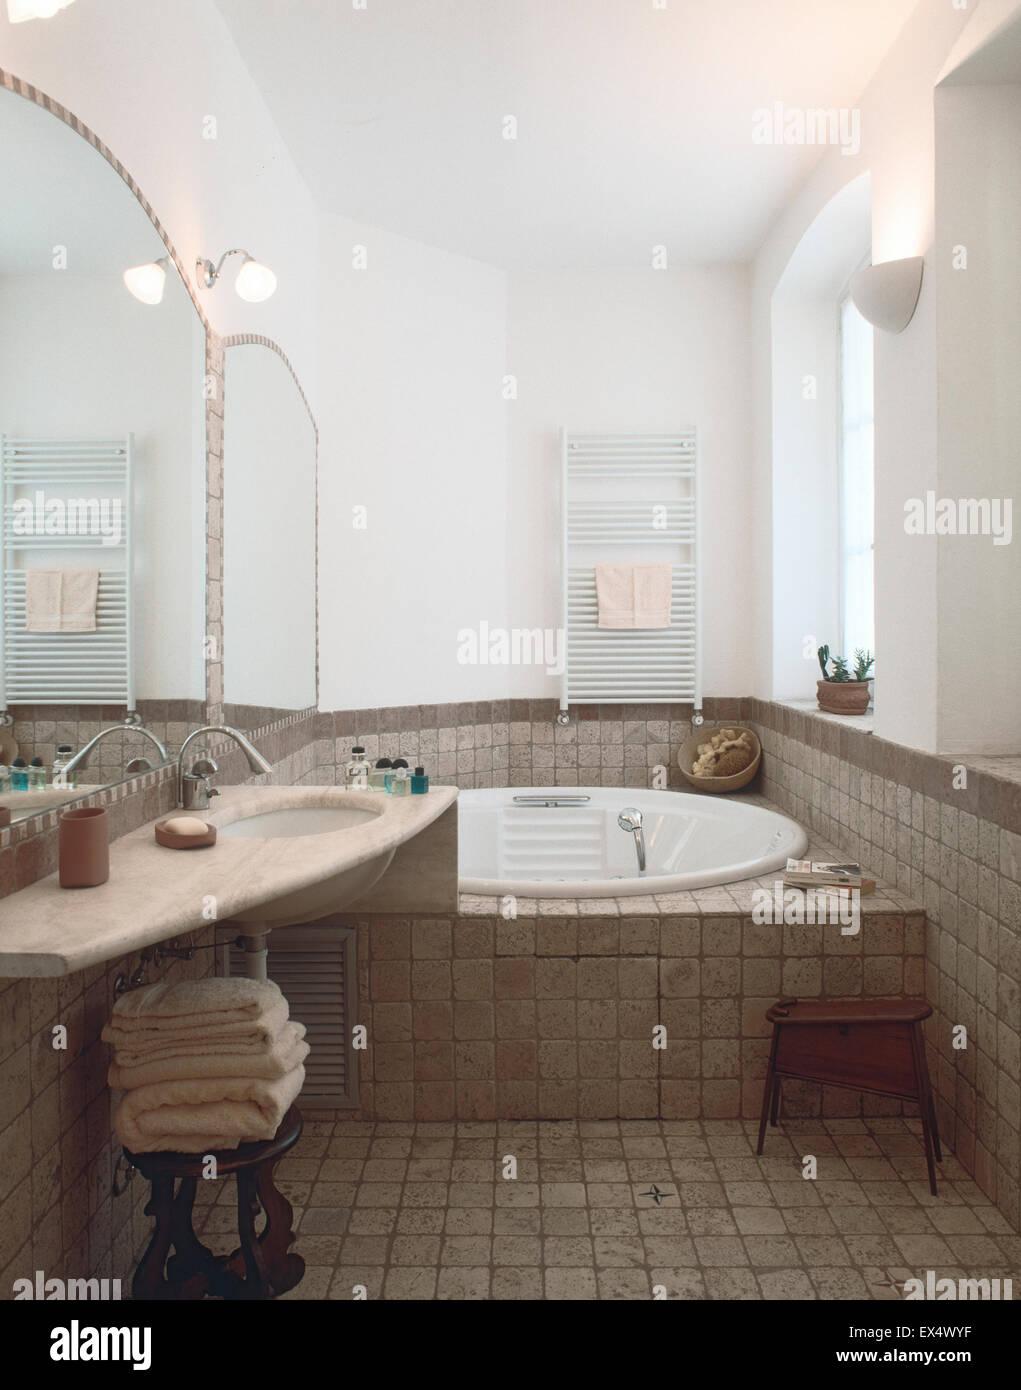 Vista interna del classico bagno con pavimento di piastrelle che si affaccia sulla vasca da bagno Immagini Stock